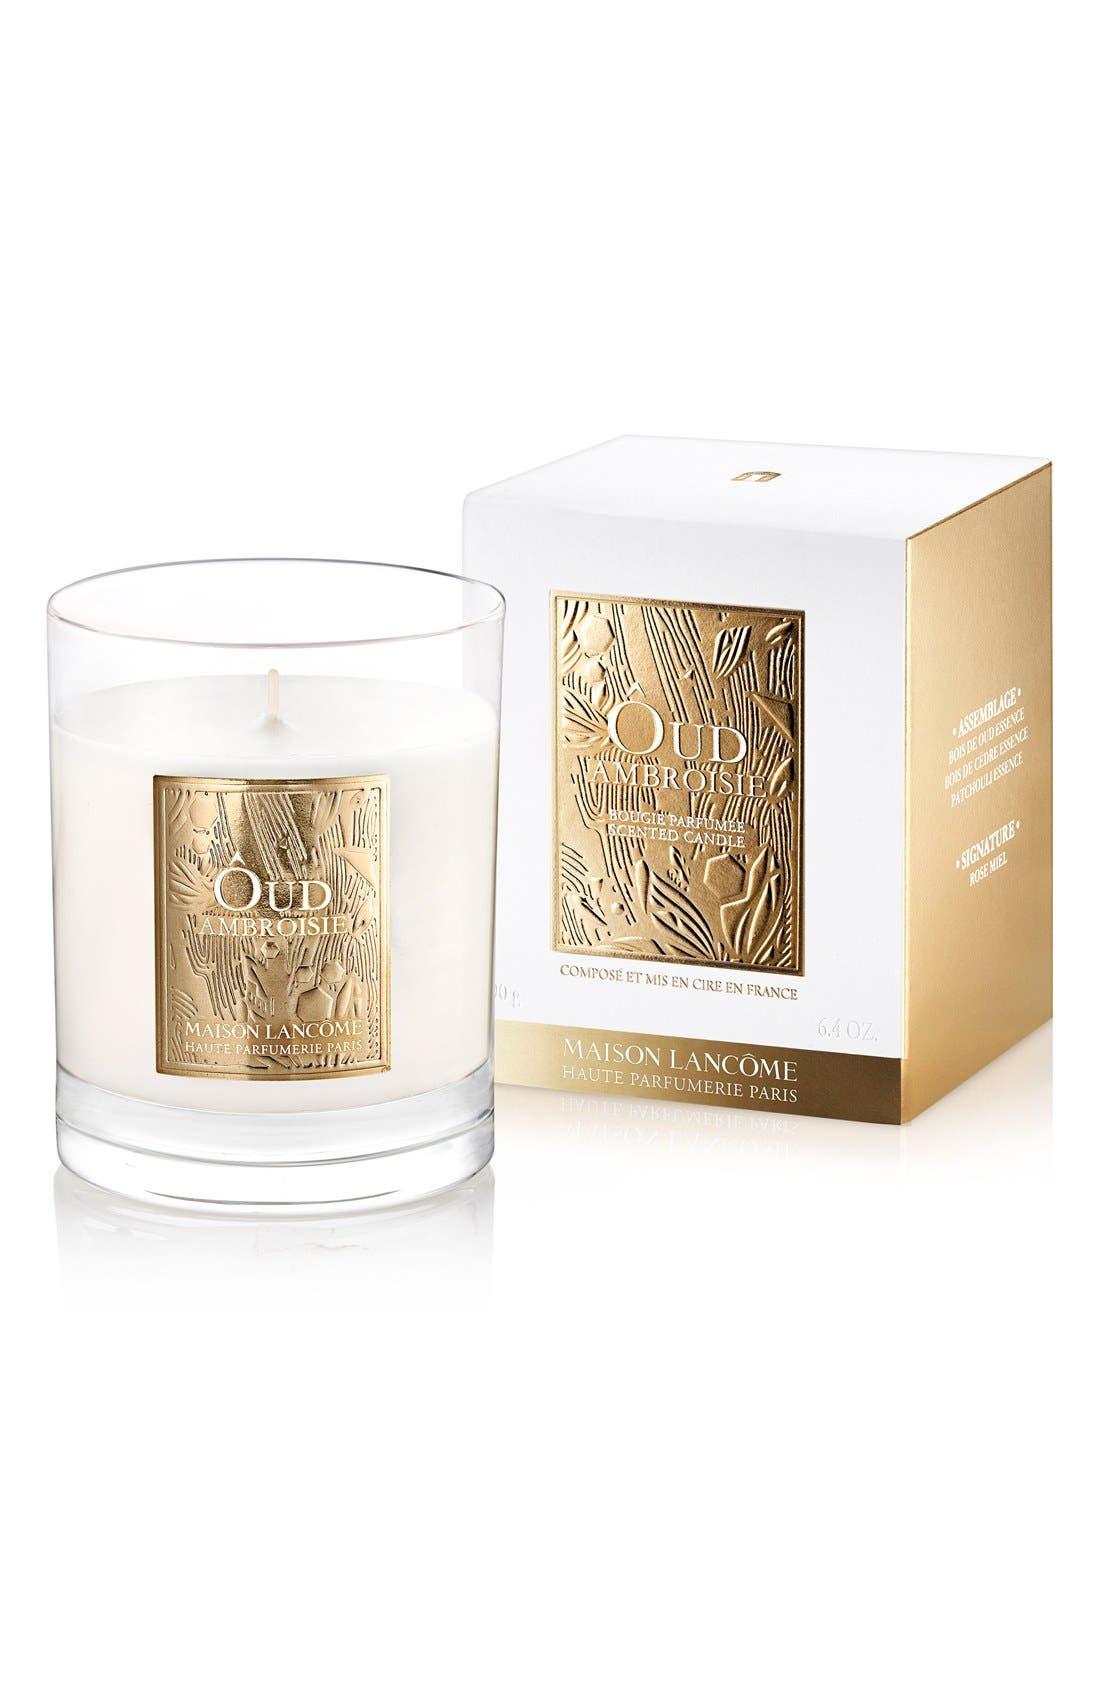 Alternate Image 1 Selected - Lancôme Maison Lancôme - Ôud Ambroisie Candle